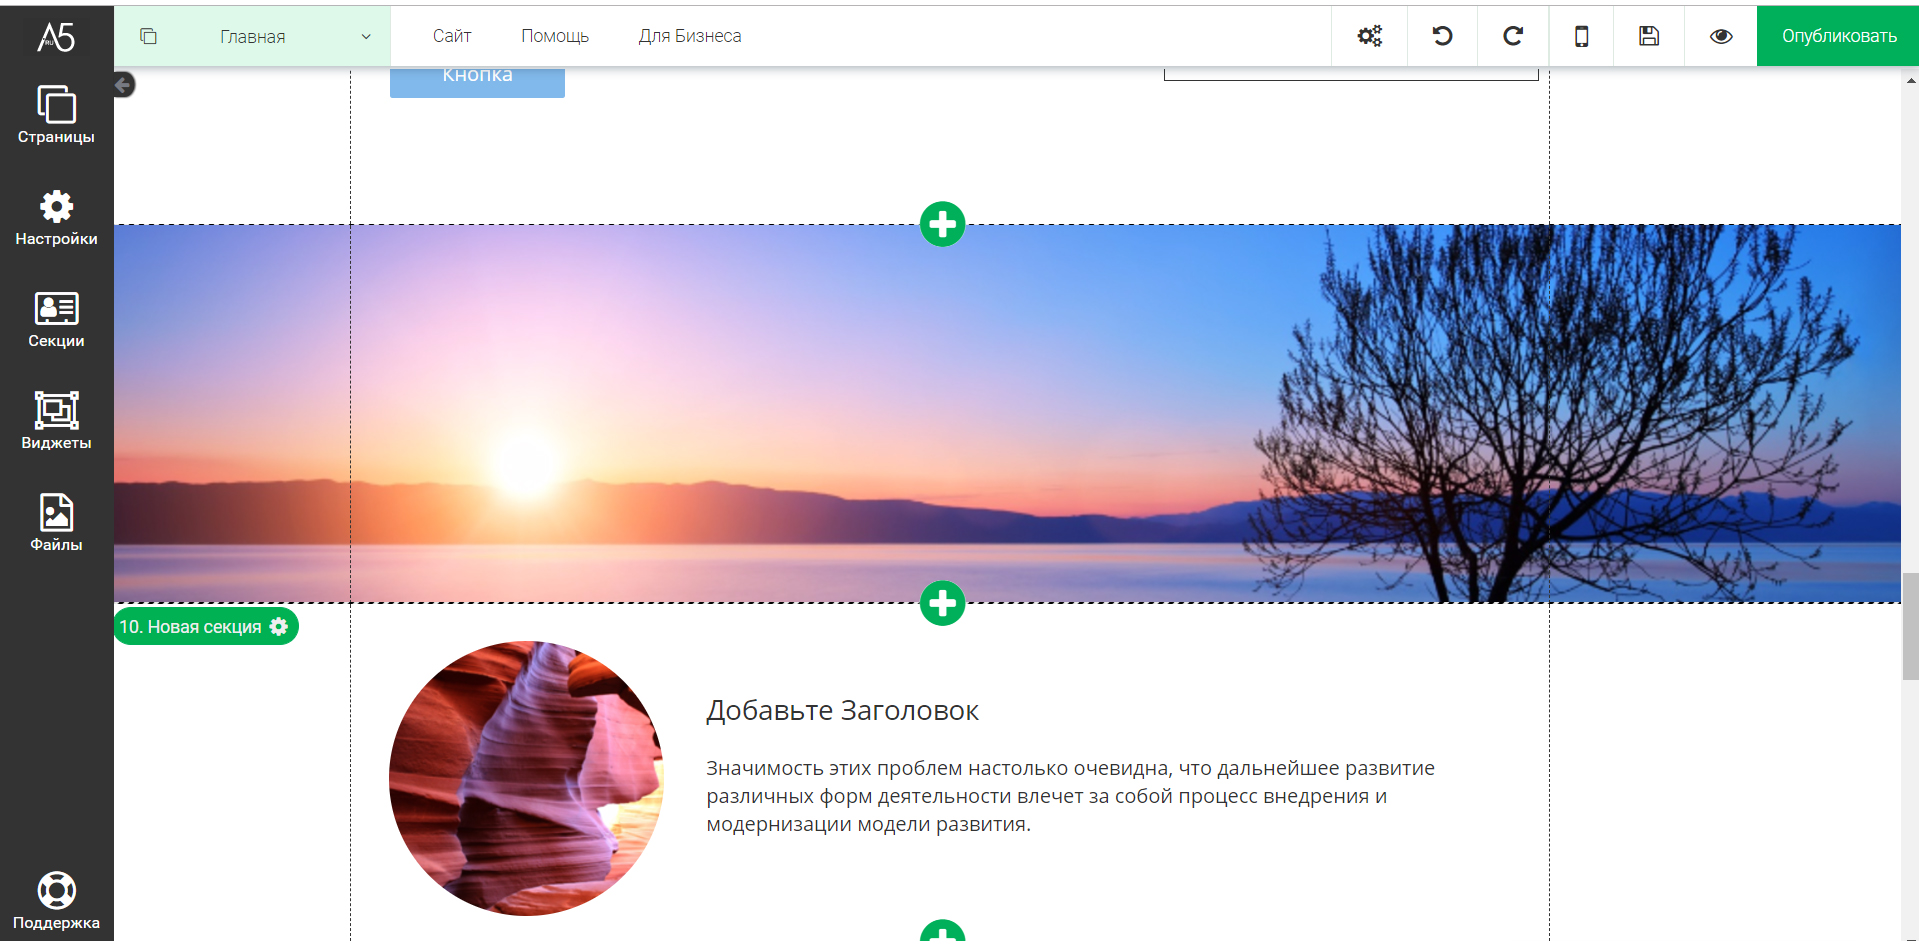 Секции сайта